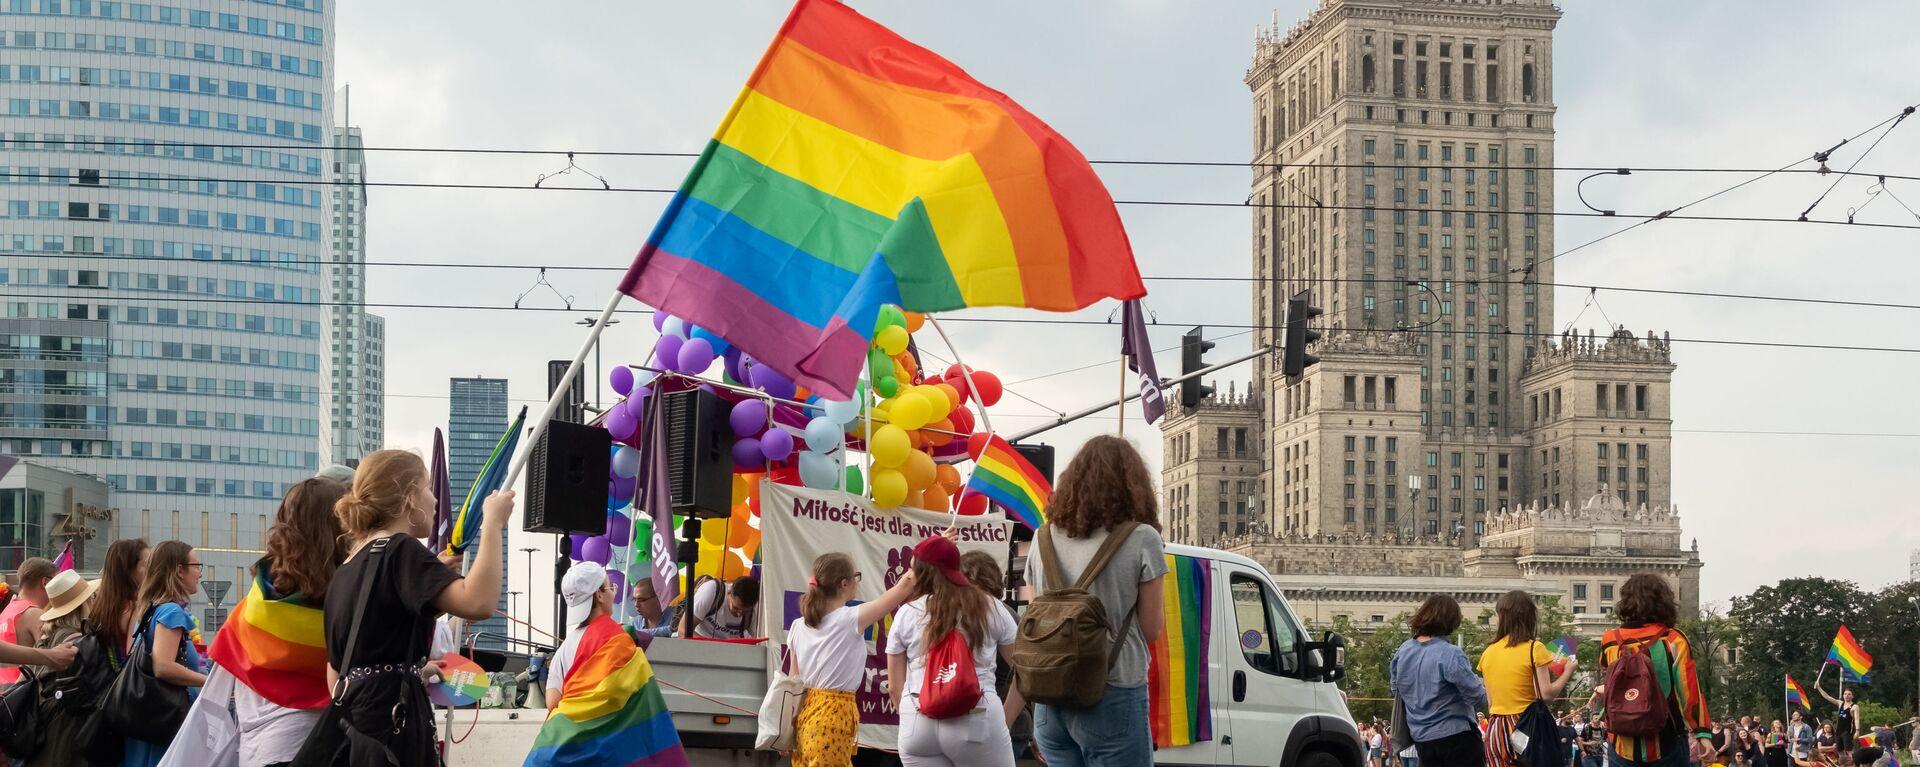 Parada LGBT w Warszawie - Sputnik Polska, 1920, 14.09.2021